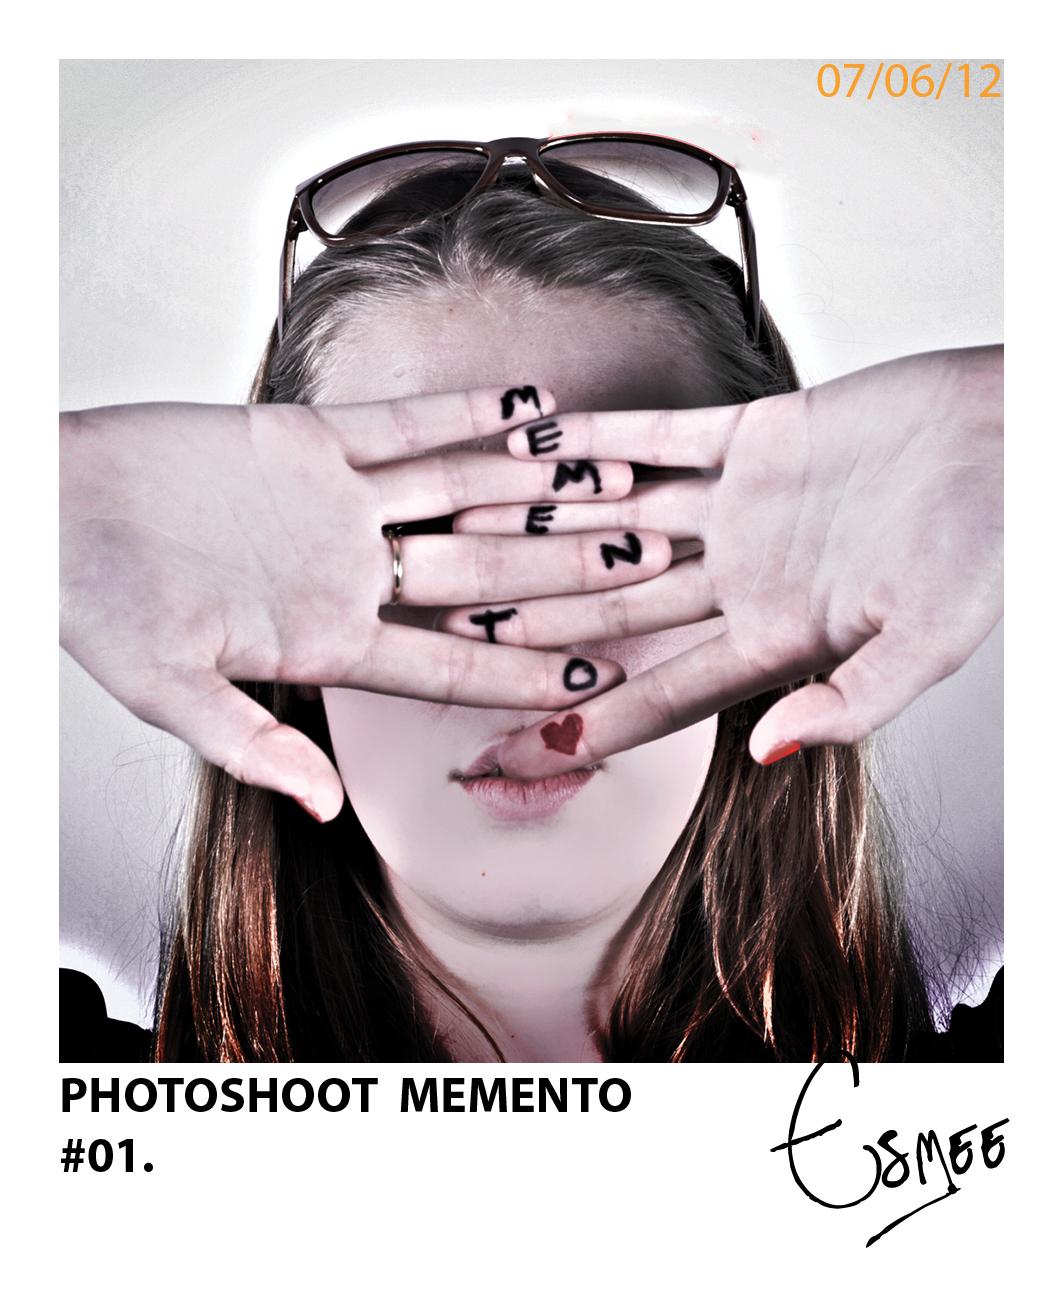 Memento Polaroid Mementos polaroid girls Memento Polaroid